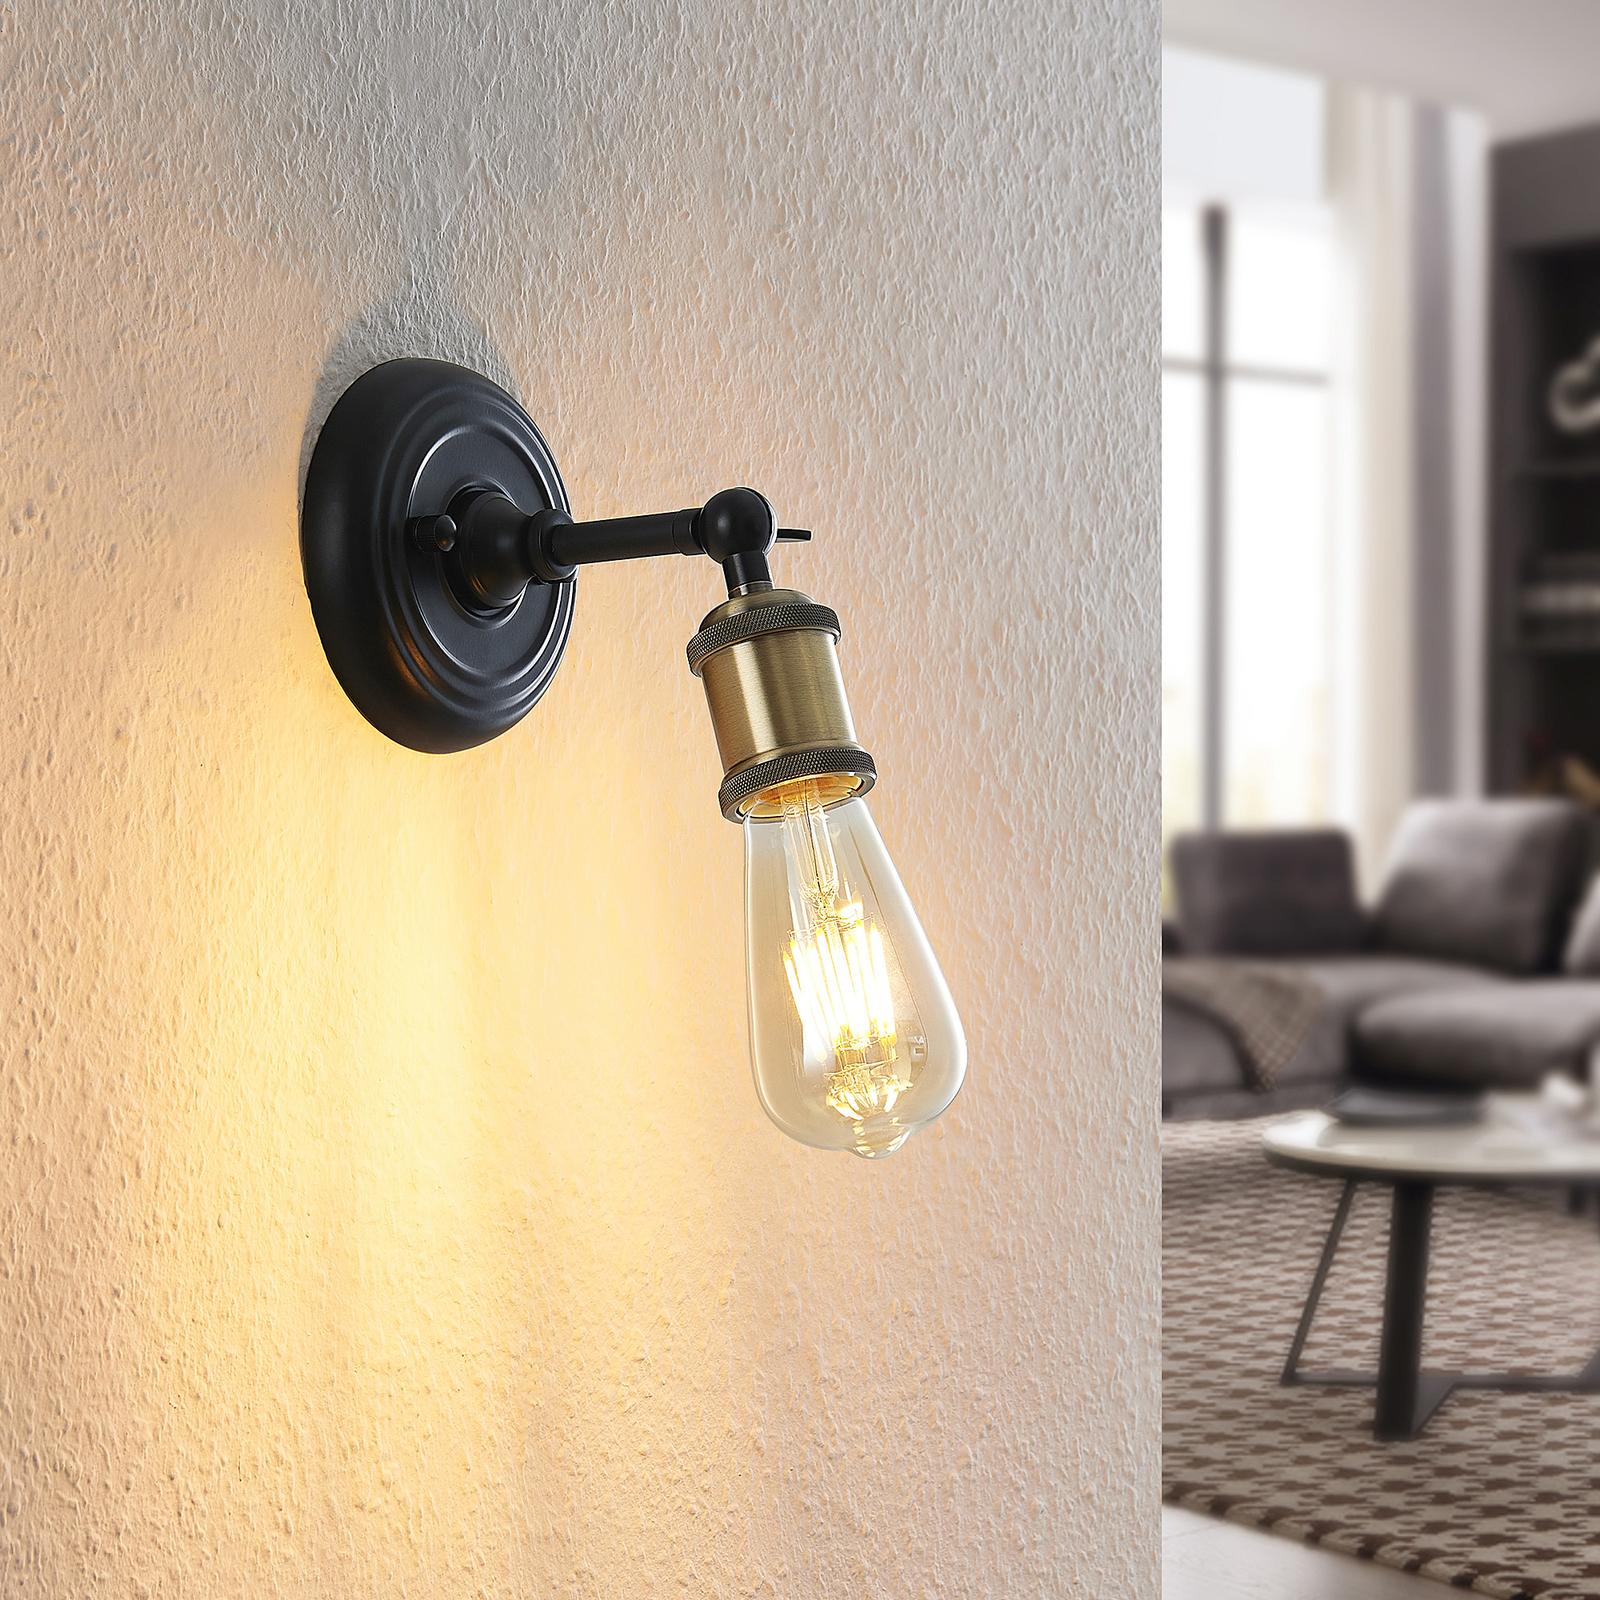 Lindby Aturia lampa ścienna, antyczne wzornictwo